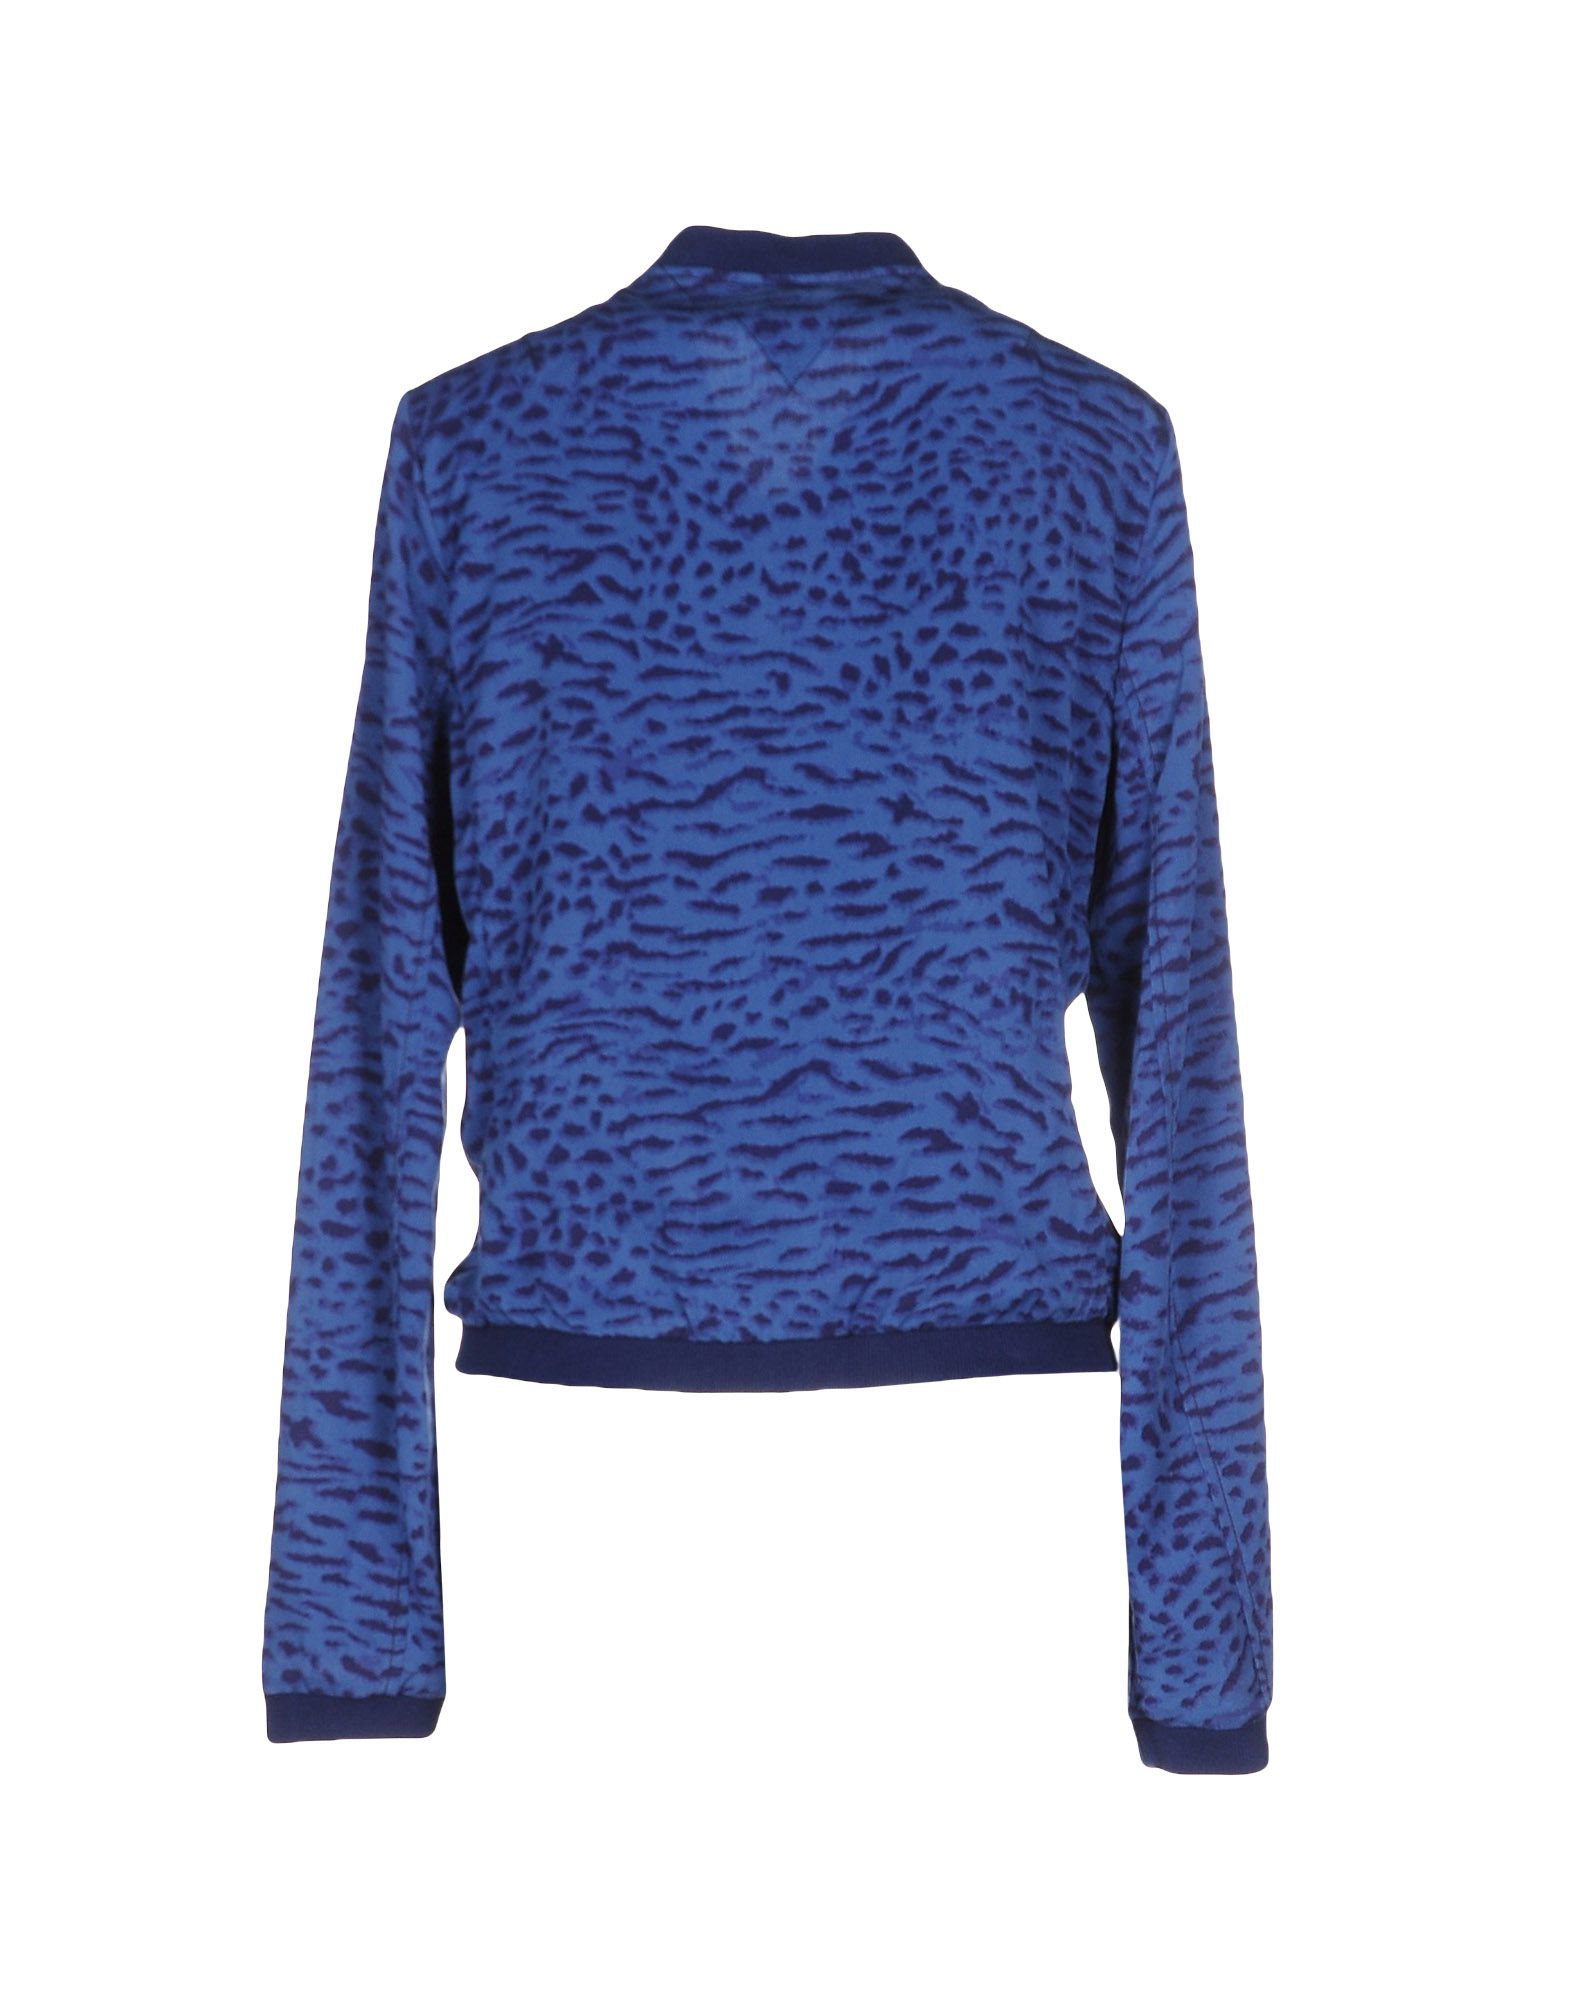 hilfiger denim jacket in blue lyst. Black Bedroom Furniture Sets. Home Design Ideas